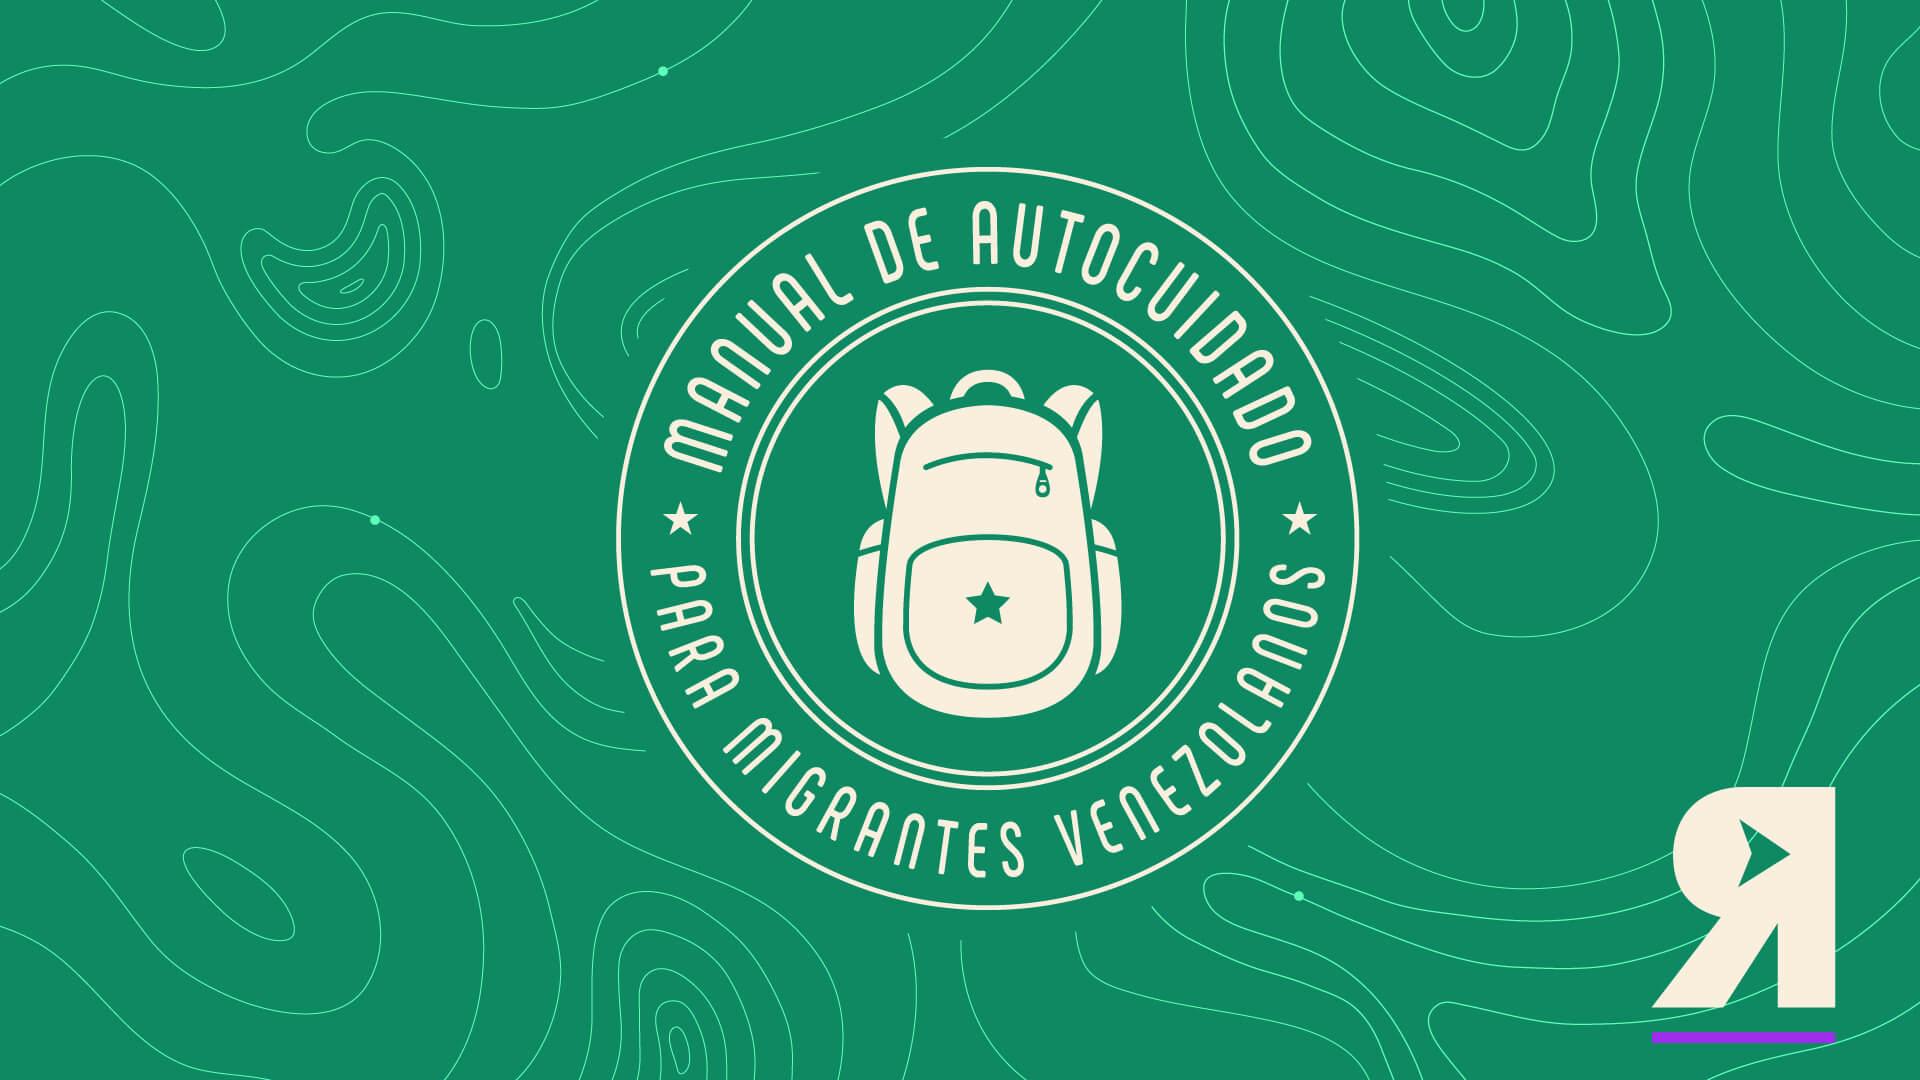 Manual de autocuidado para migrantes venezolanos en Colombia